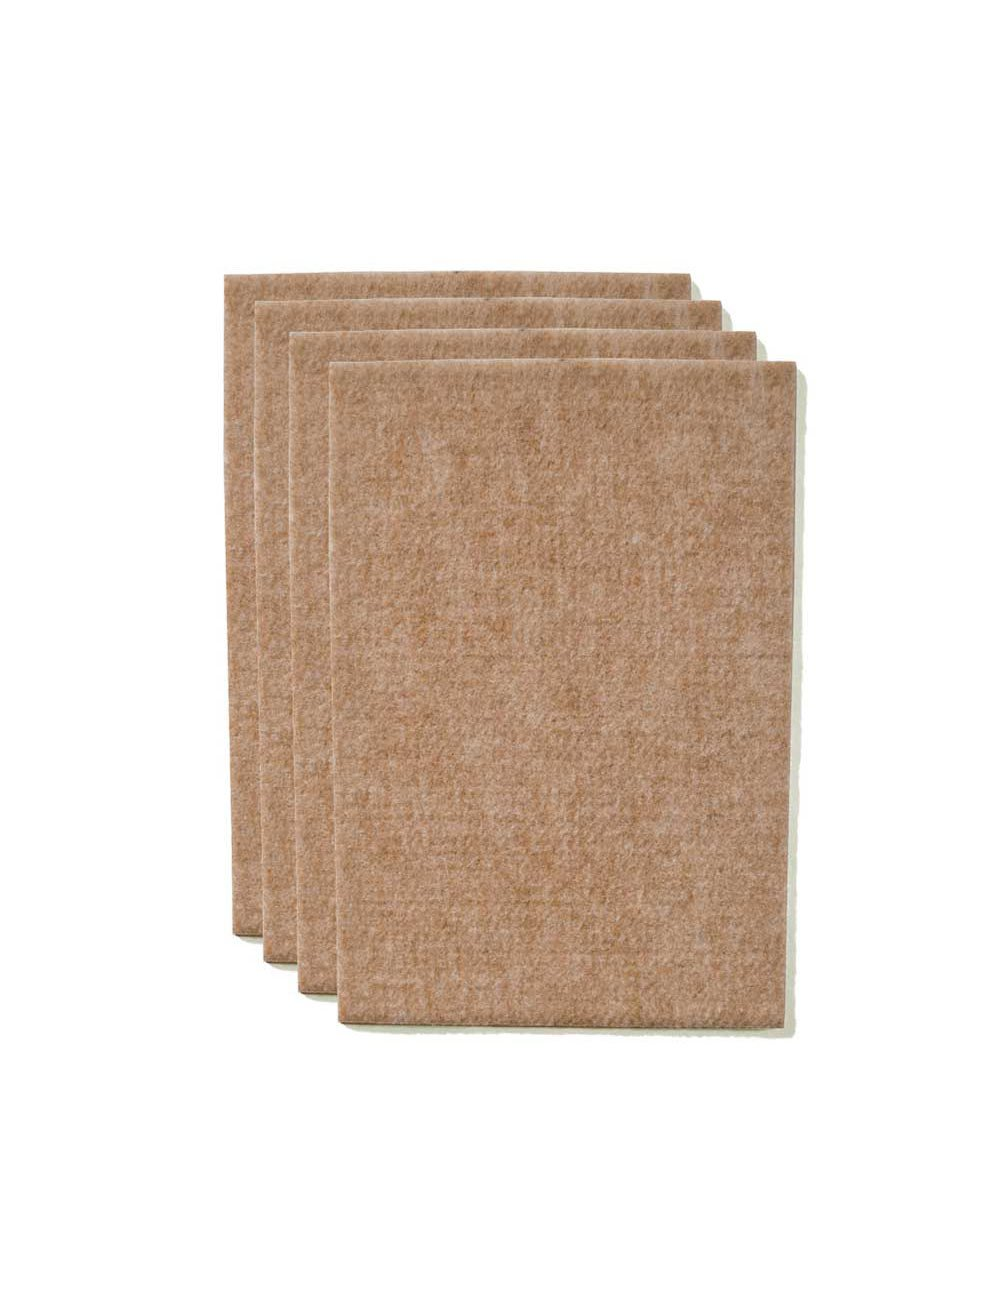 The Felt Store Taglio di Pattini Feltrini Pellicole Protettivi Tappetini di feltro per gambe delle sedie, tavole, mobilia, circa 11 cm x 15 cm x 0,5 cm autoadesivo, beige, molto durabile – 4 fogli molto durabile - 4 fogli